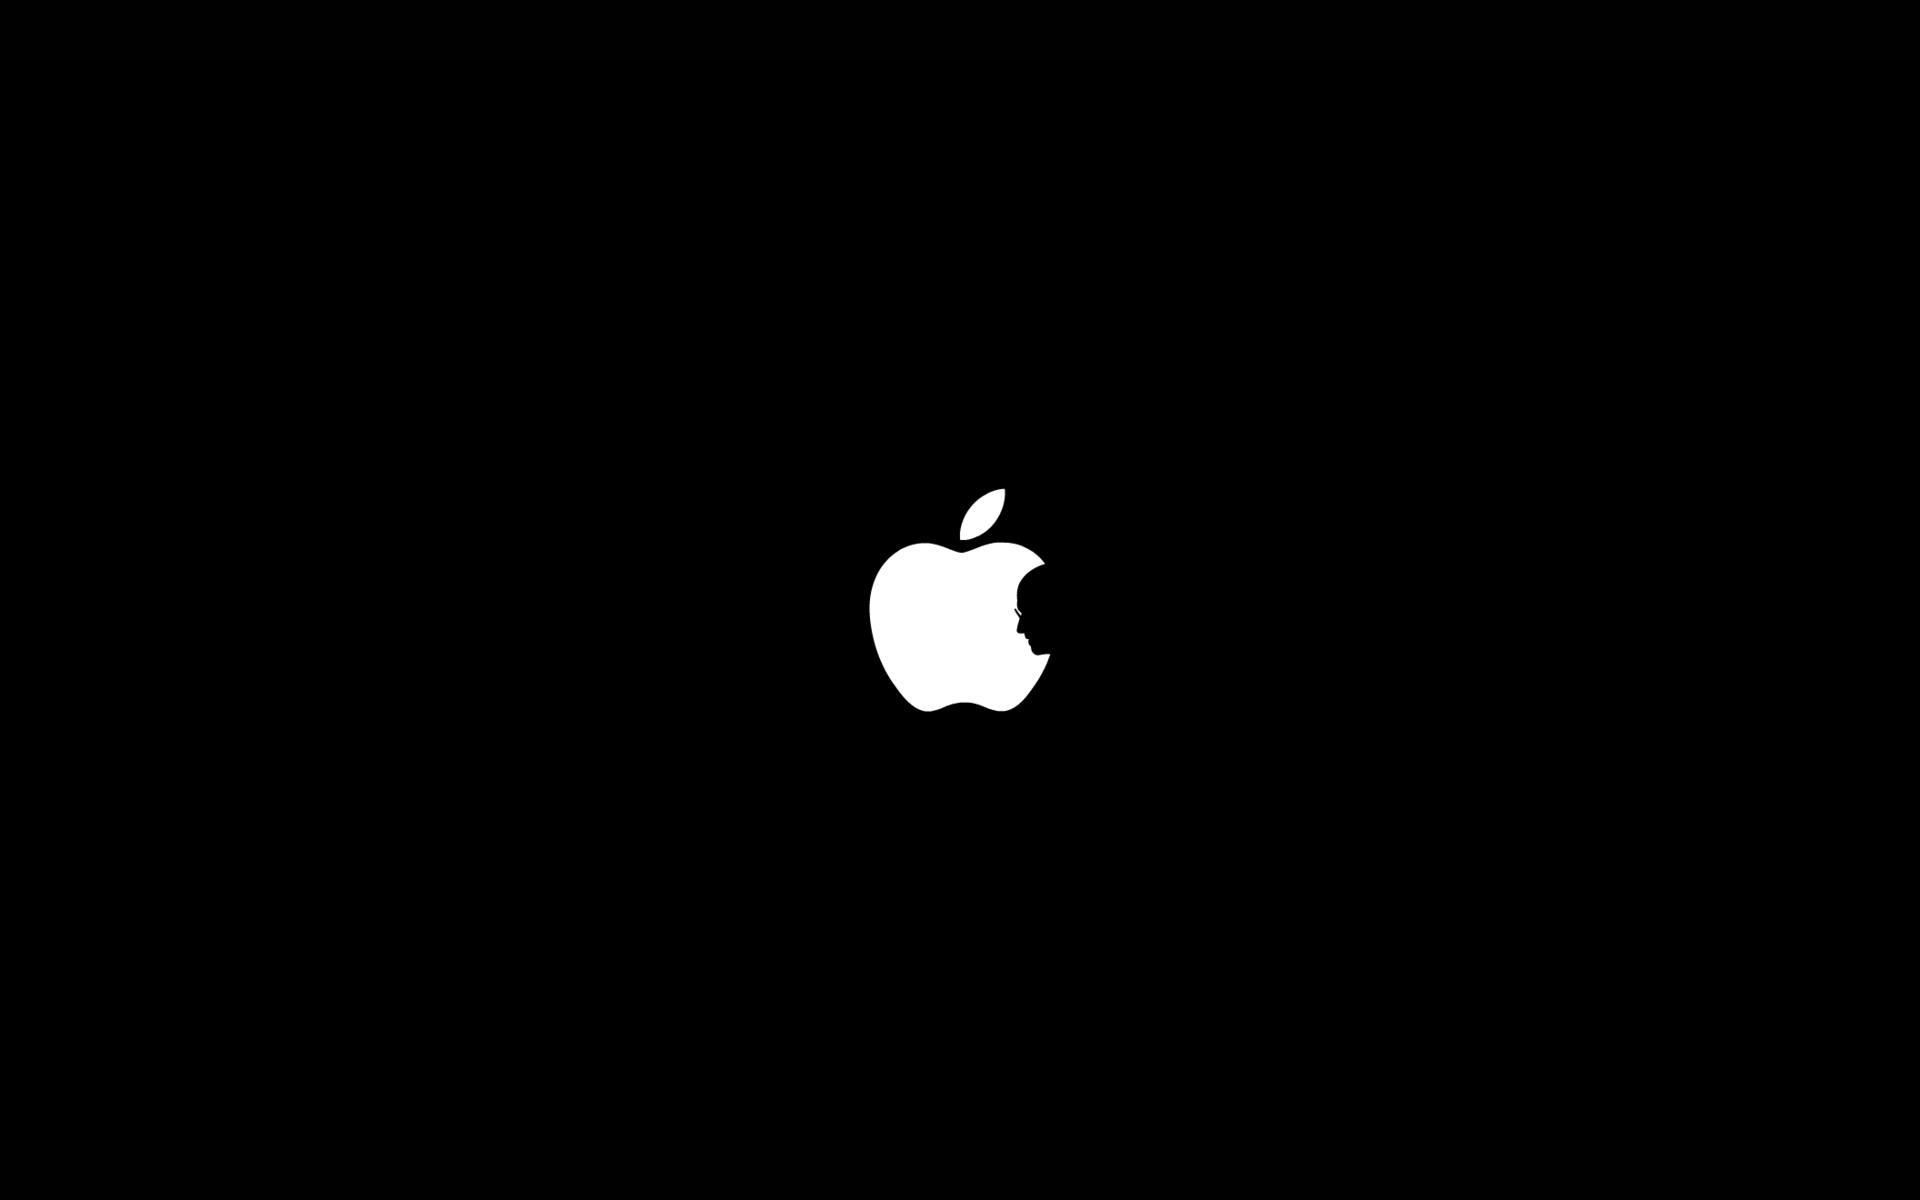 Apple Logo HD Wallpapers.